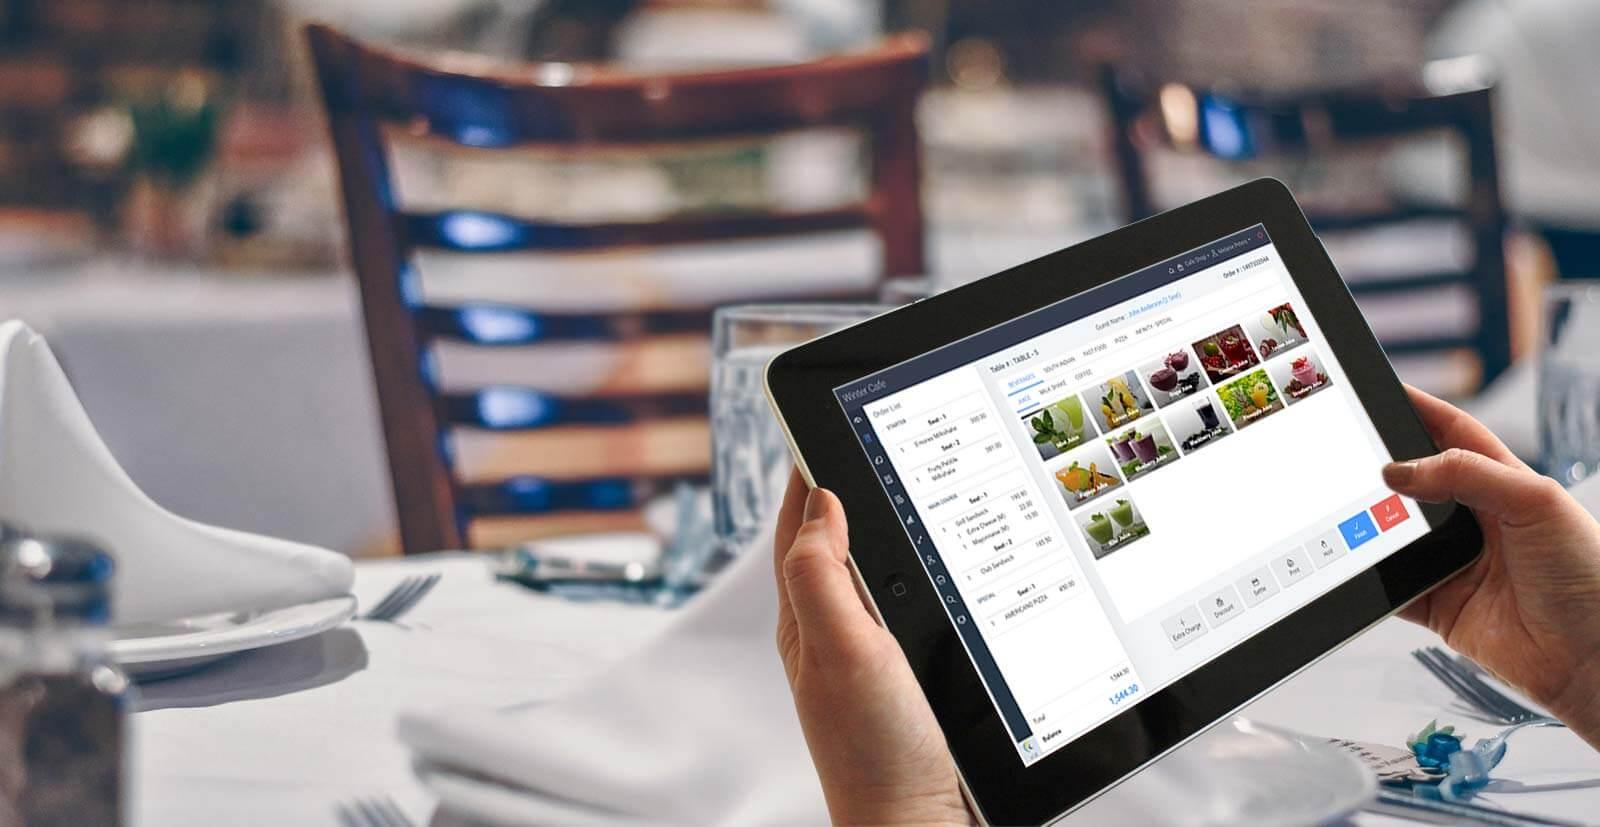 Sử dụng phần mềm quản lý nhà hàng quán ăn